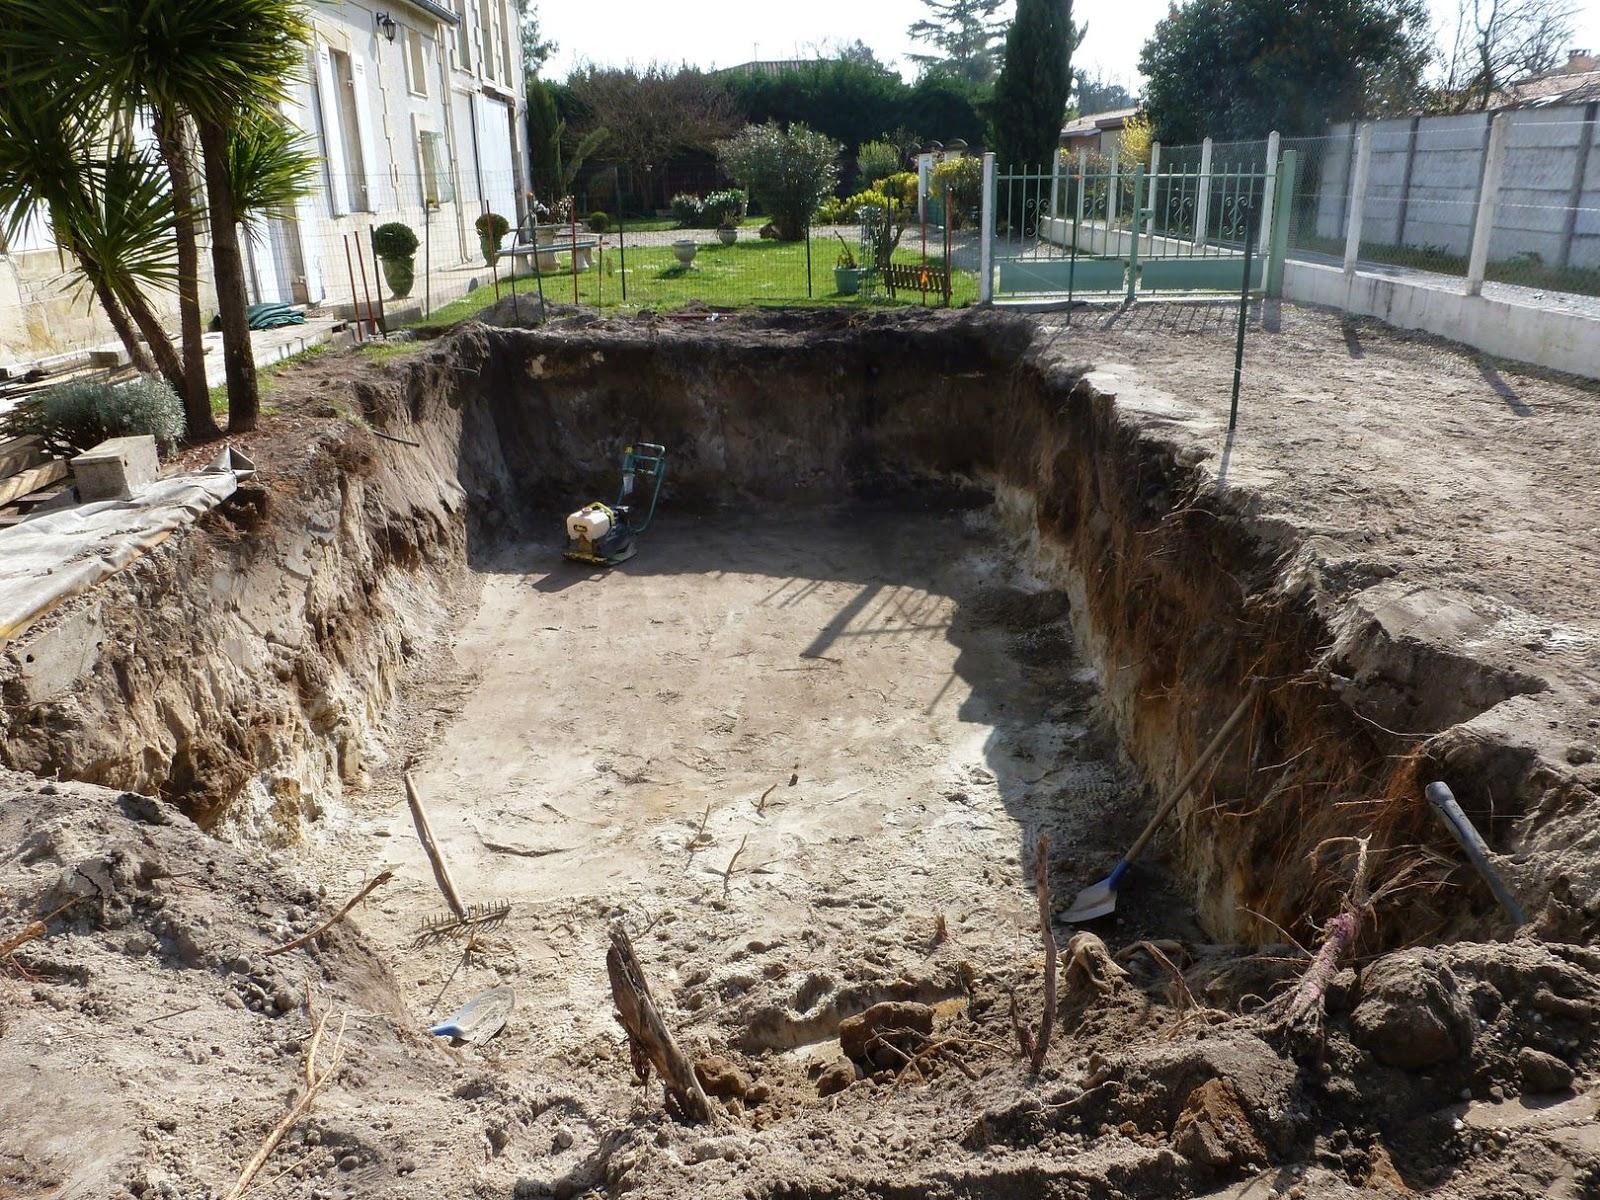 Projet tapes de construction d 39 une piscine en for Construction piscine 44